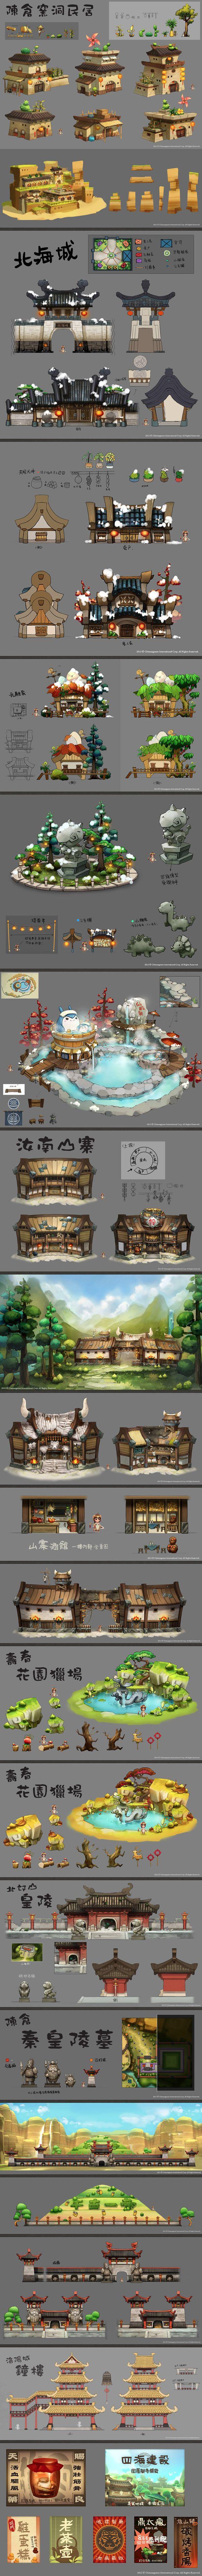 中国古代场景设计,场景设定